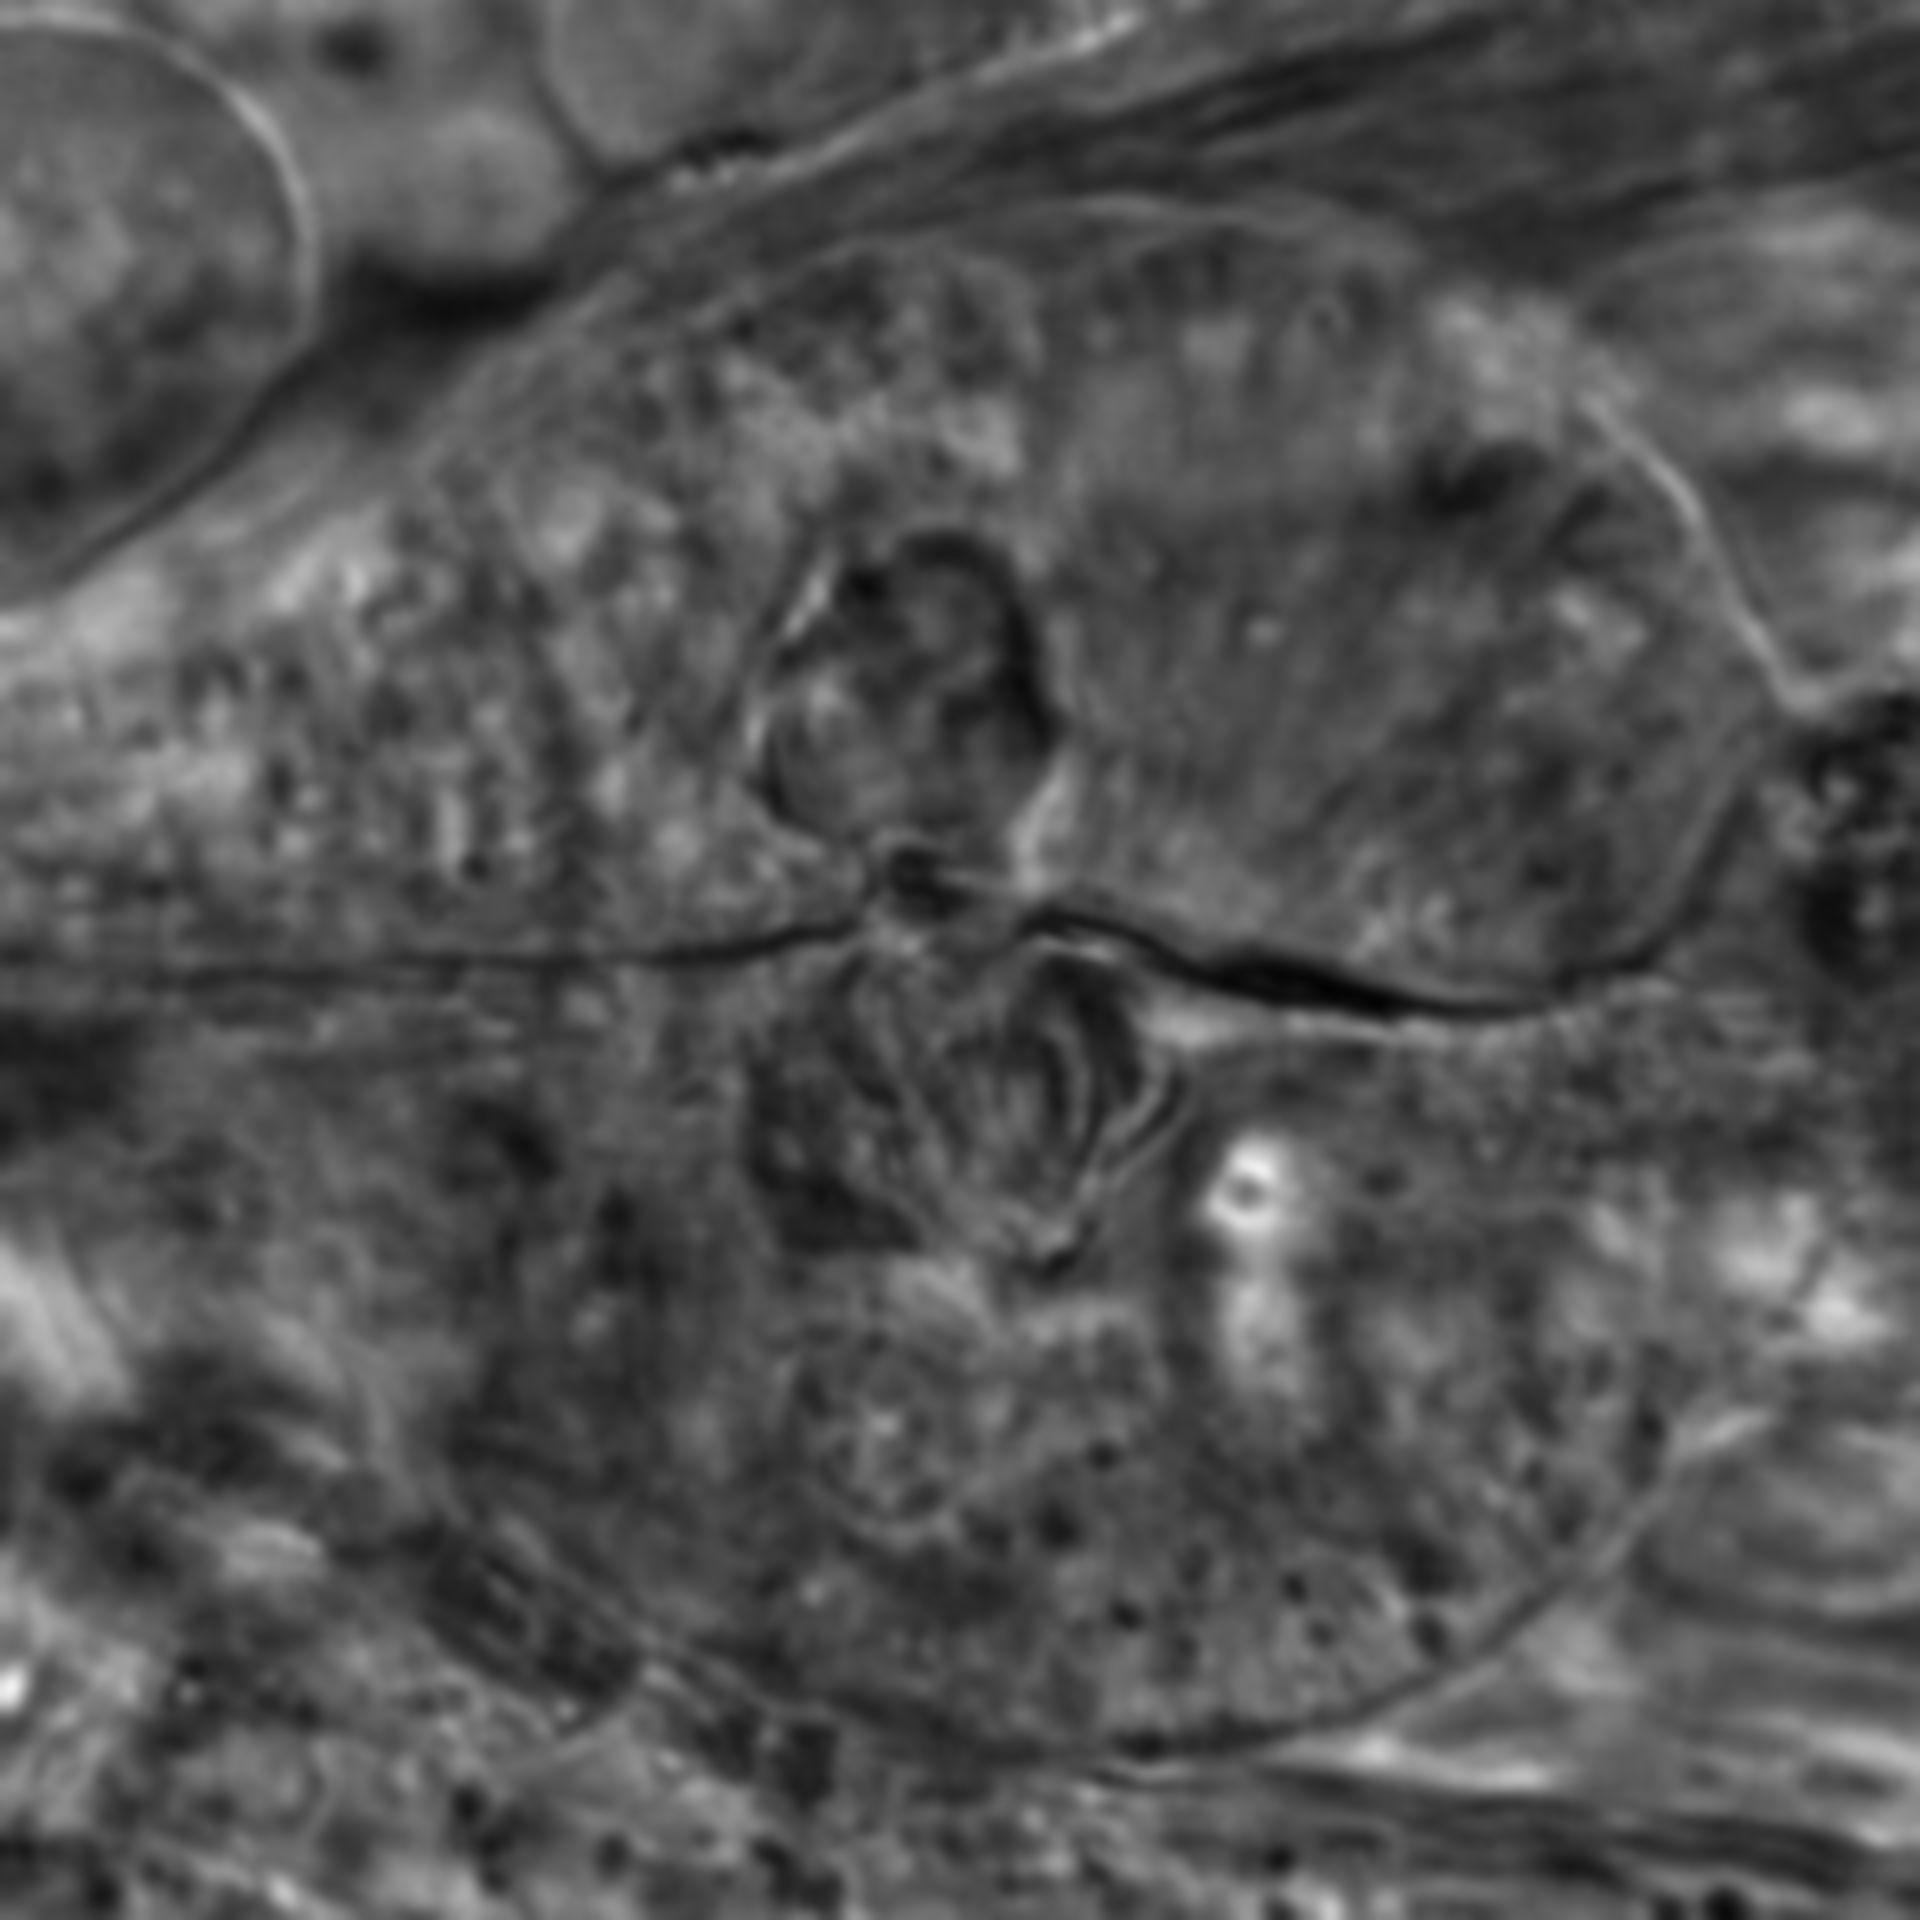 Caenorhabditis elegans - CIL:2635